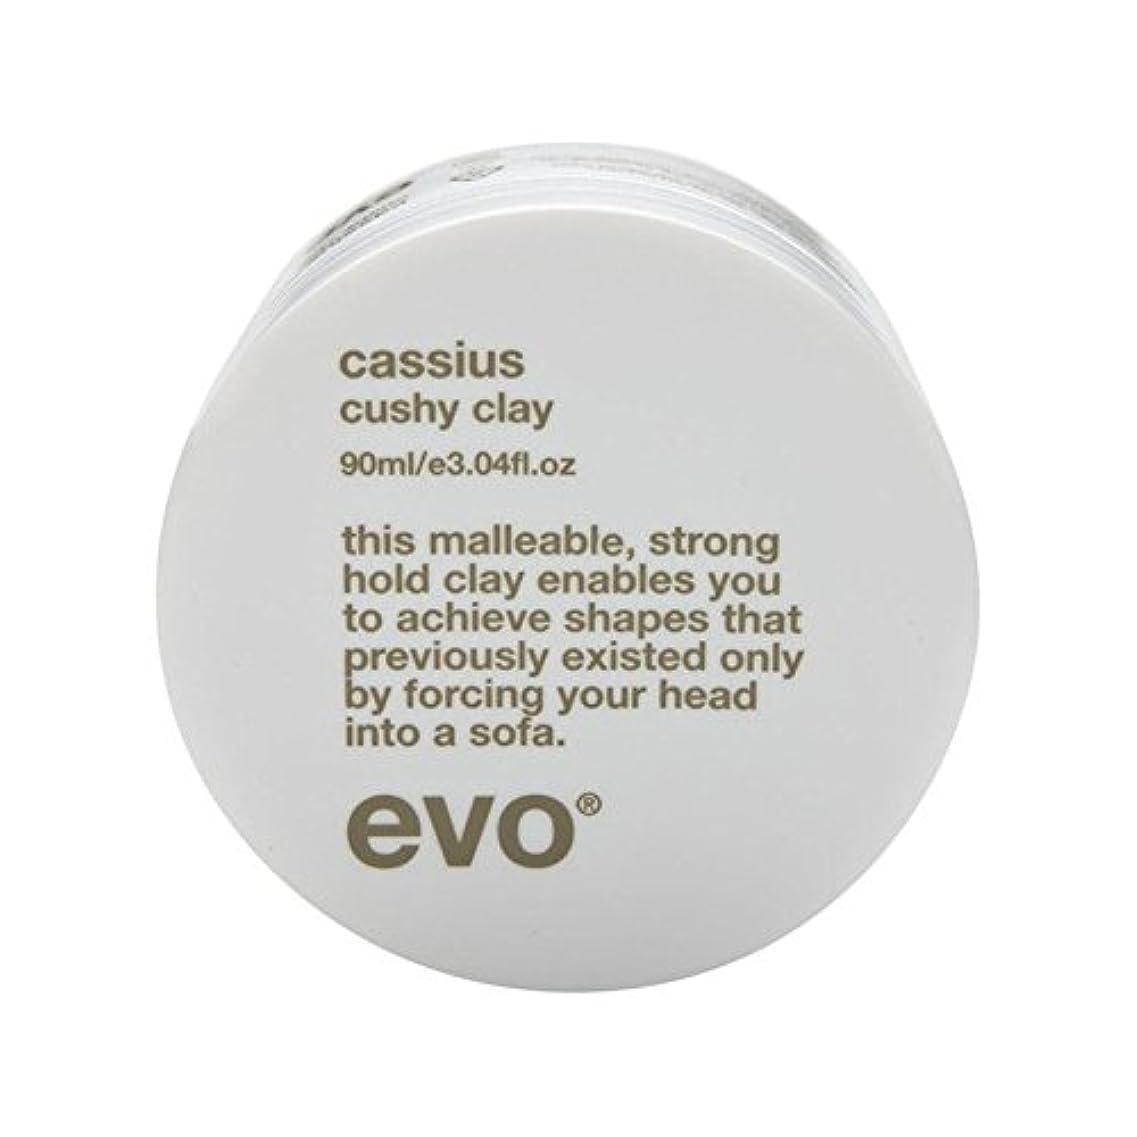 敏感な残り十代の若者たちエボカシウス楽な粘土90グラム x2 - Evo Cassius Cushy Clay 90G (Pack of 2) [並行輸入品]